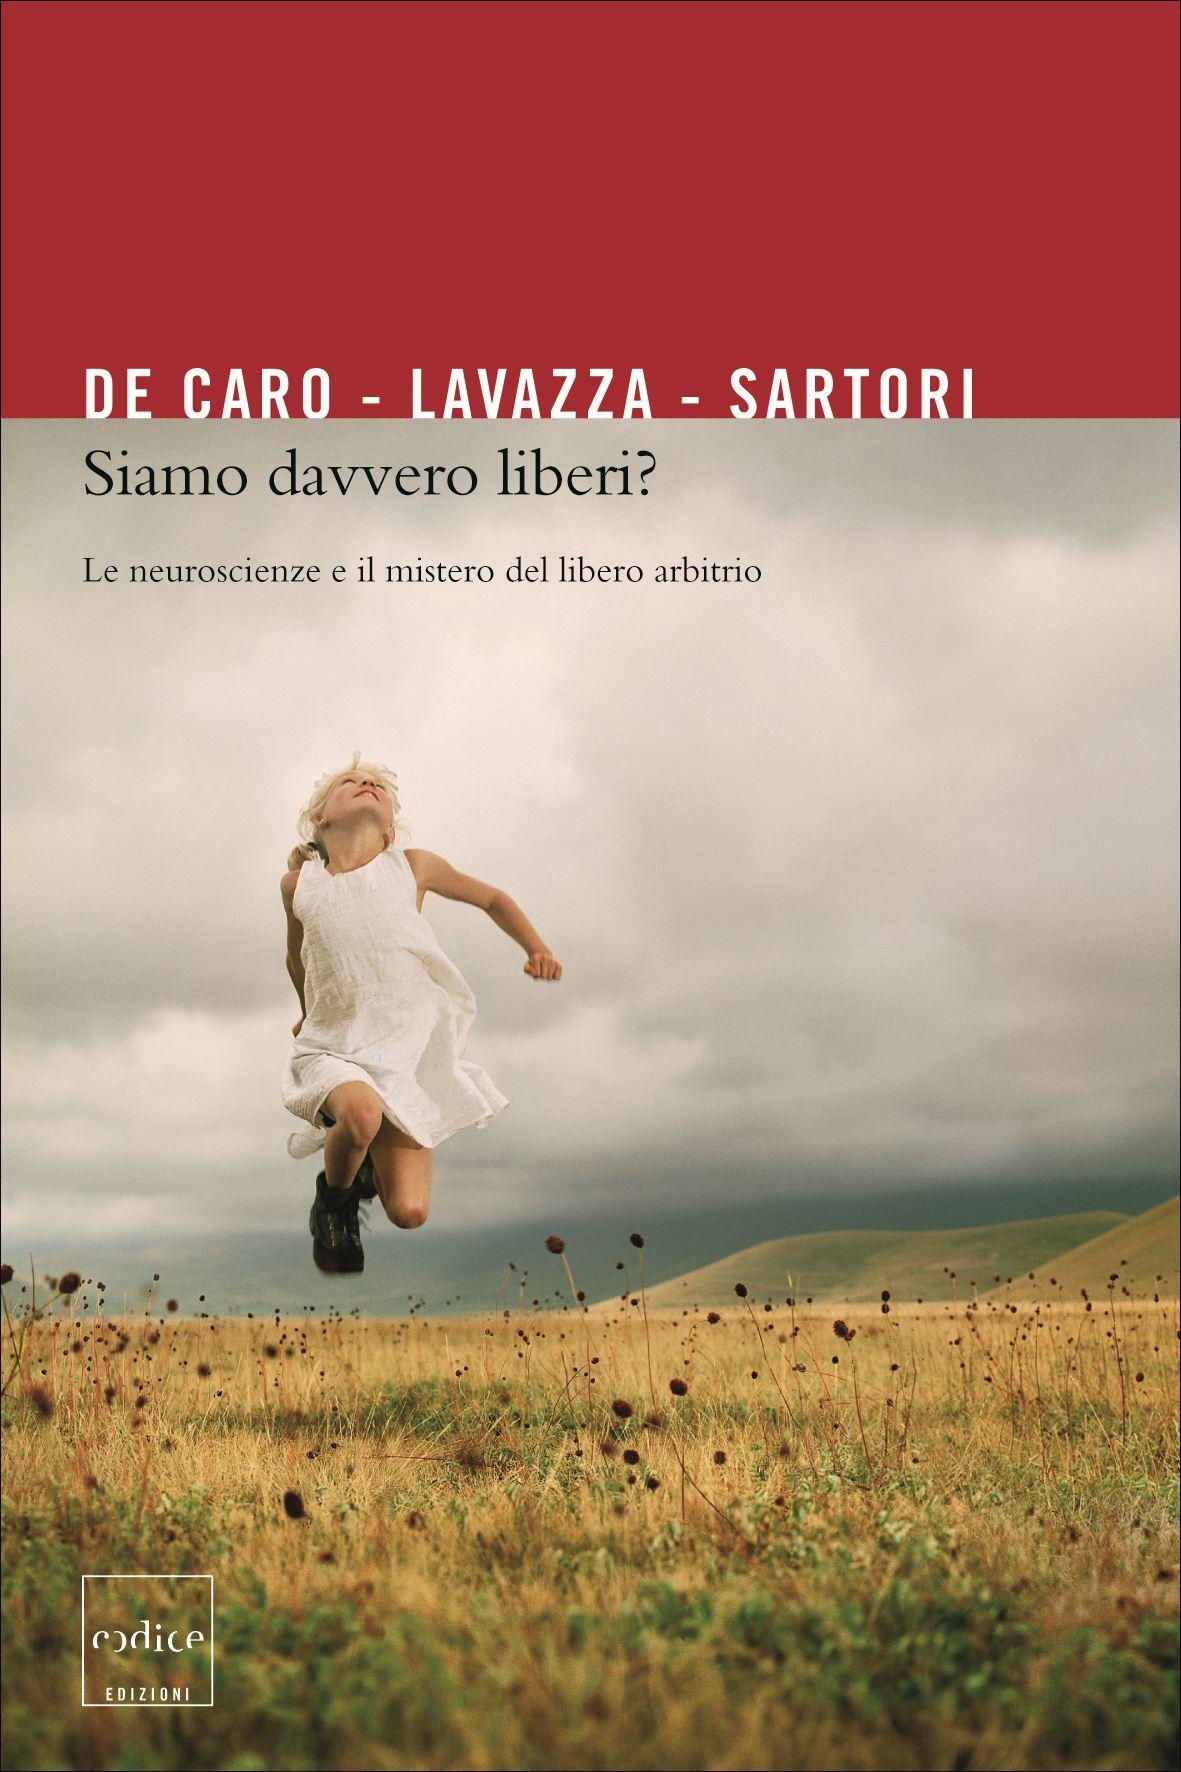 Mario De Caro, Andrea Lavazza, Giuseppe Sartori - Siamo davvero liberi?